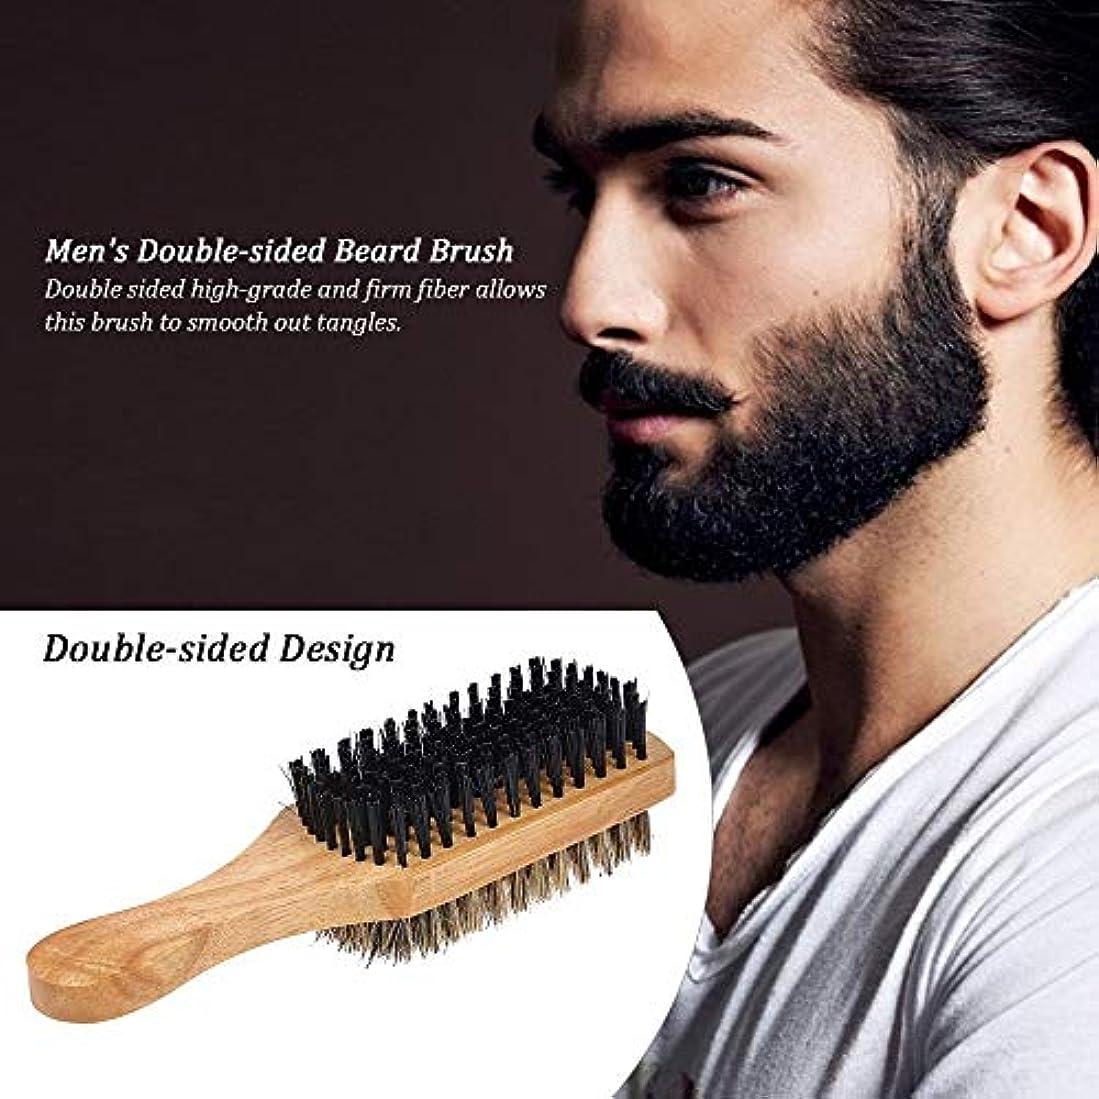 降臨保護する心のこもったシェービングブラシ メンズ 理容 洗顔 髭剃り ひげ髭ブラシ ひげケア ひげ剃り シェービングブラシ デュアルサイド (Color : #1)